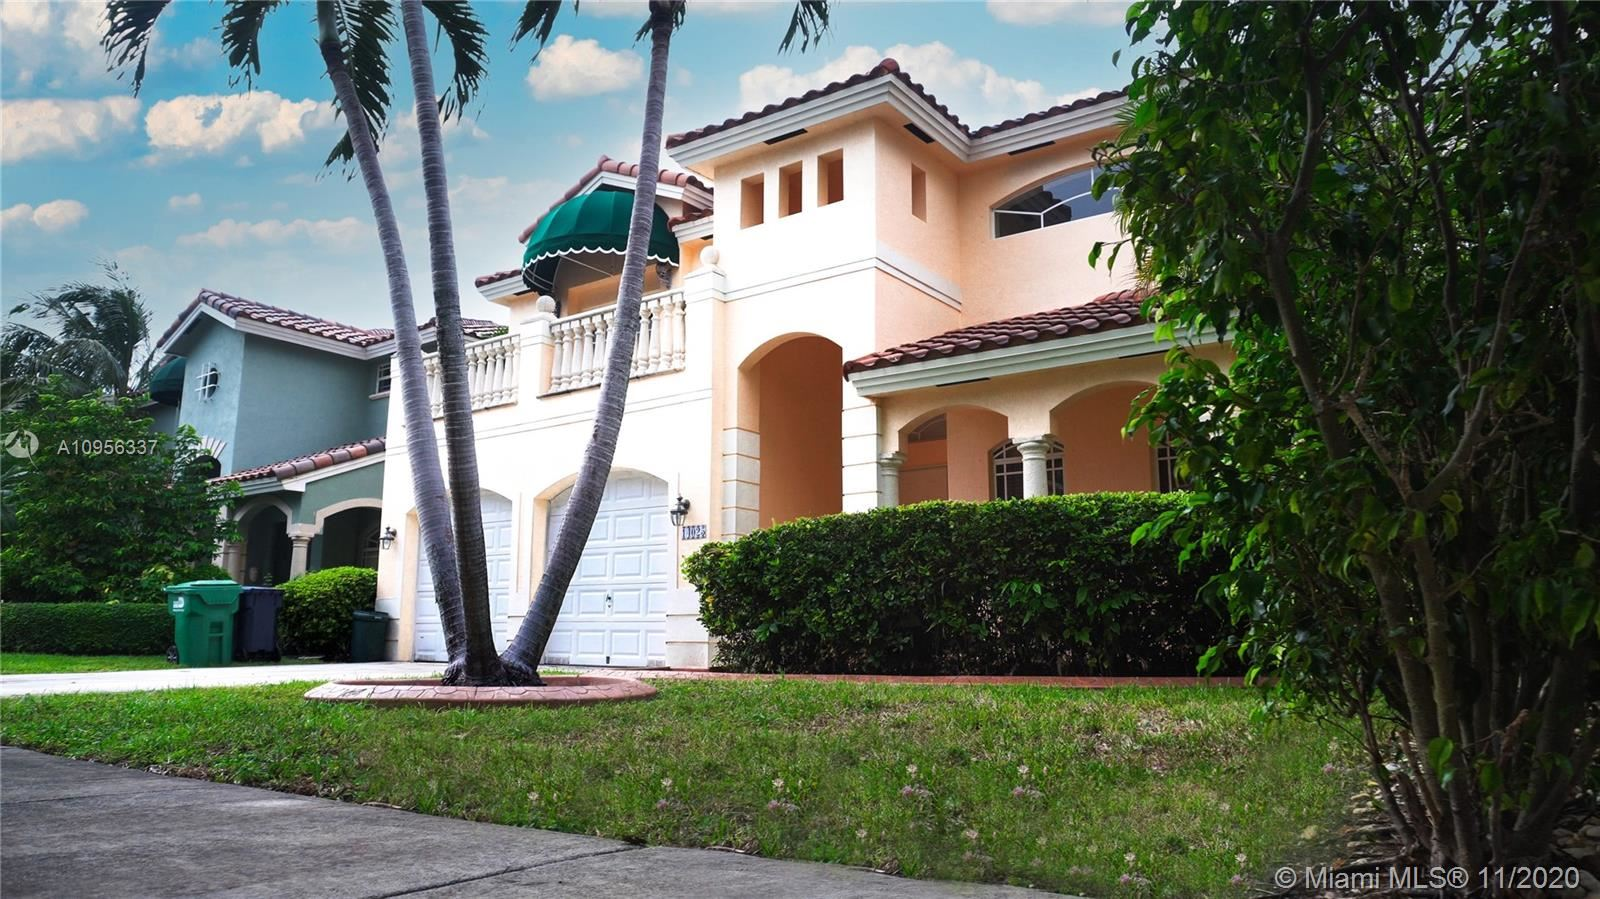 14025 SW 154th St, Miami, FL 33177 - #: A10956337